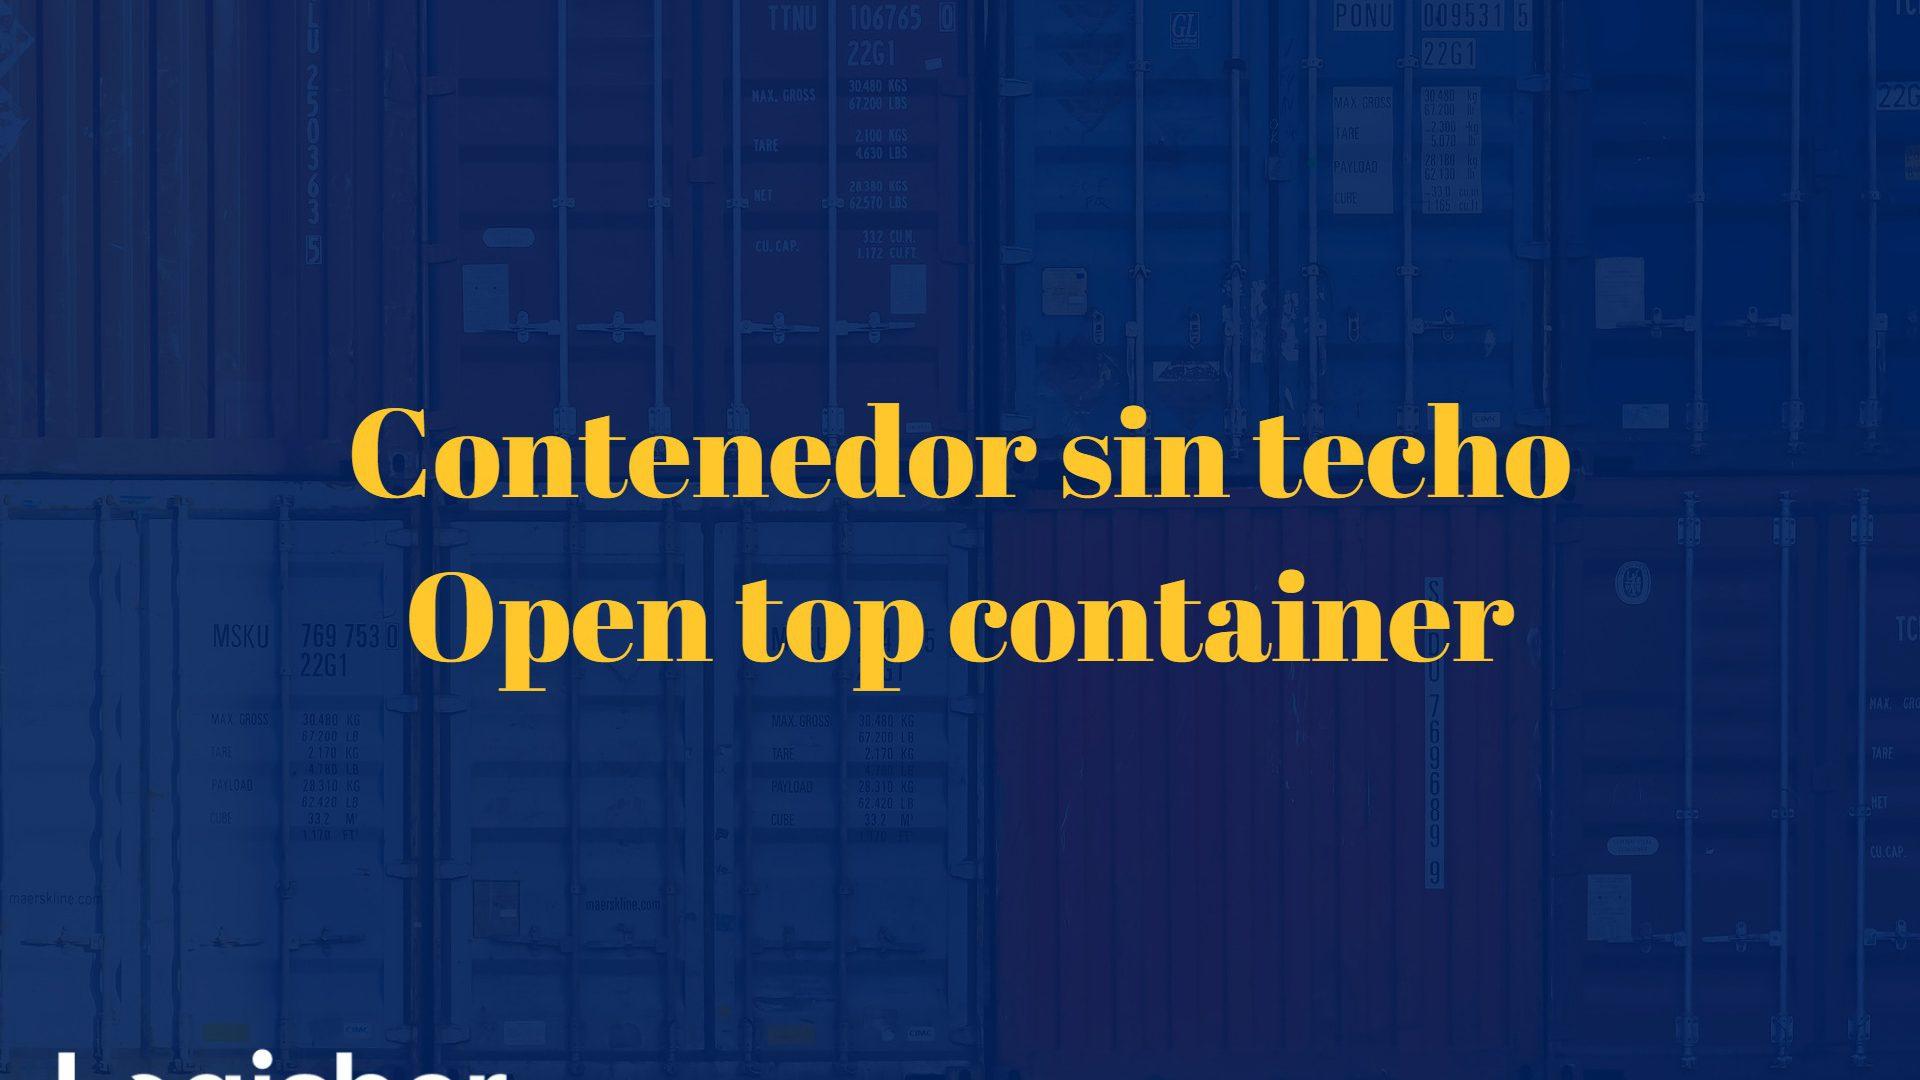 Contenedor sin techo – open top container